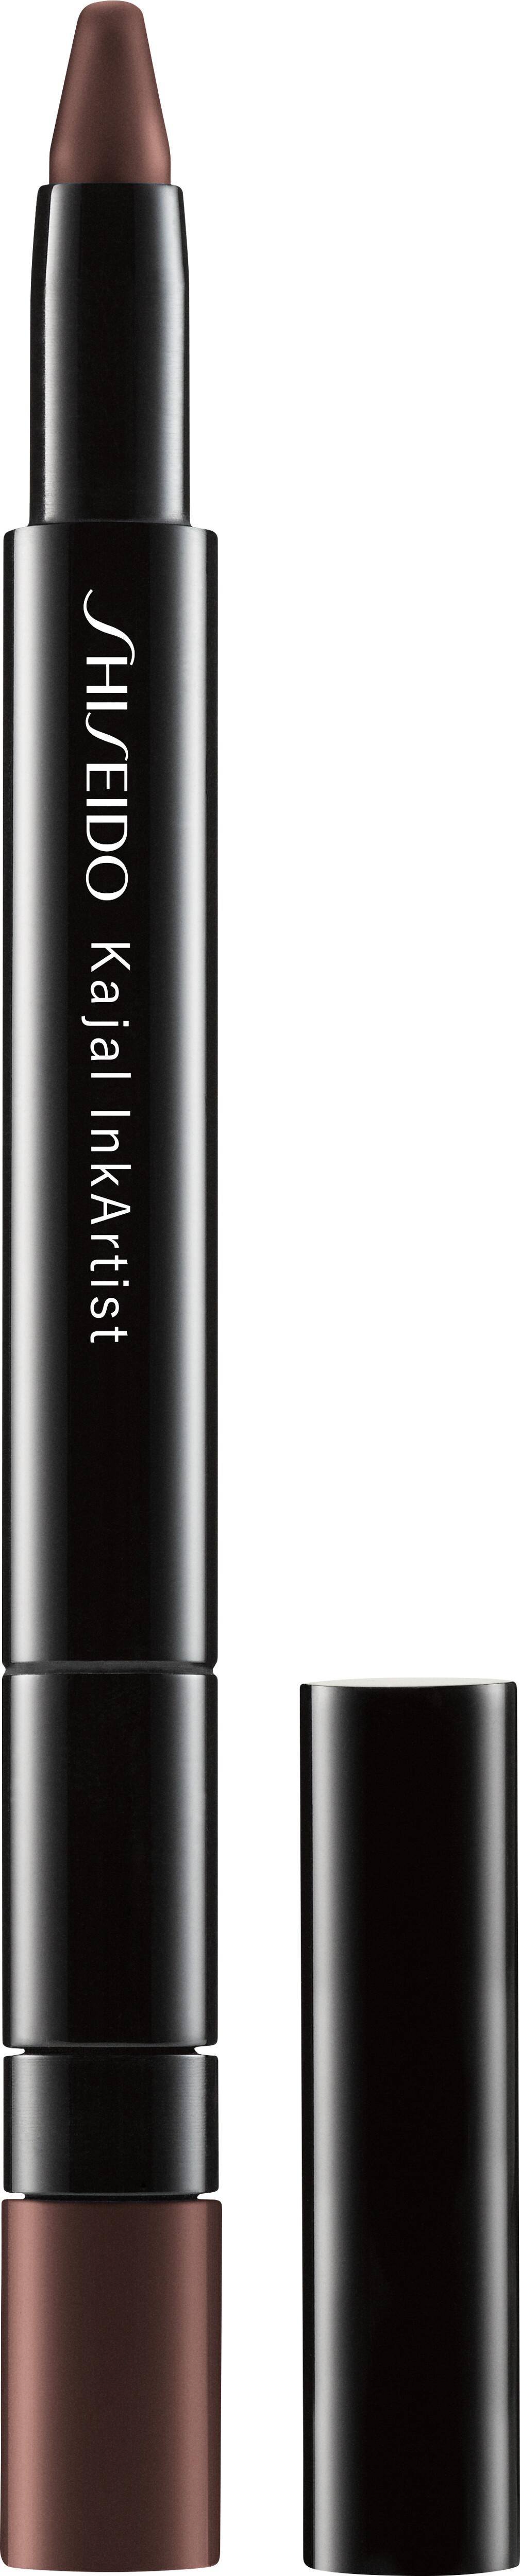 Kajal InkArtist by Shiseido #17